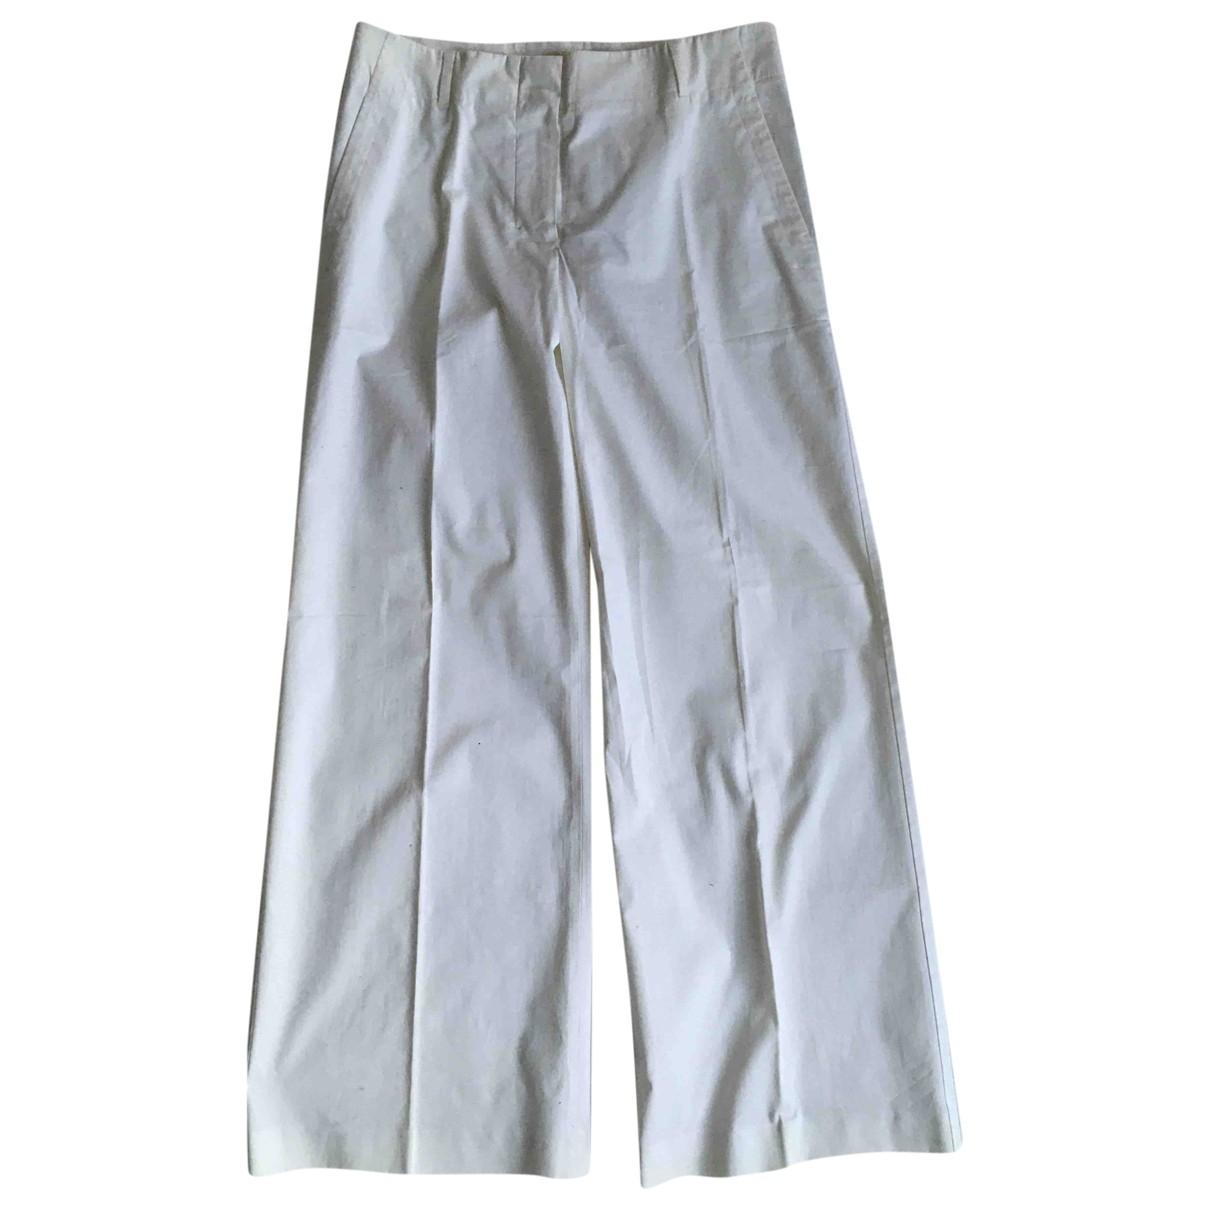 Pantalon largo Max Mara s